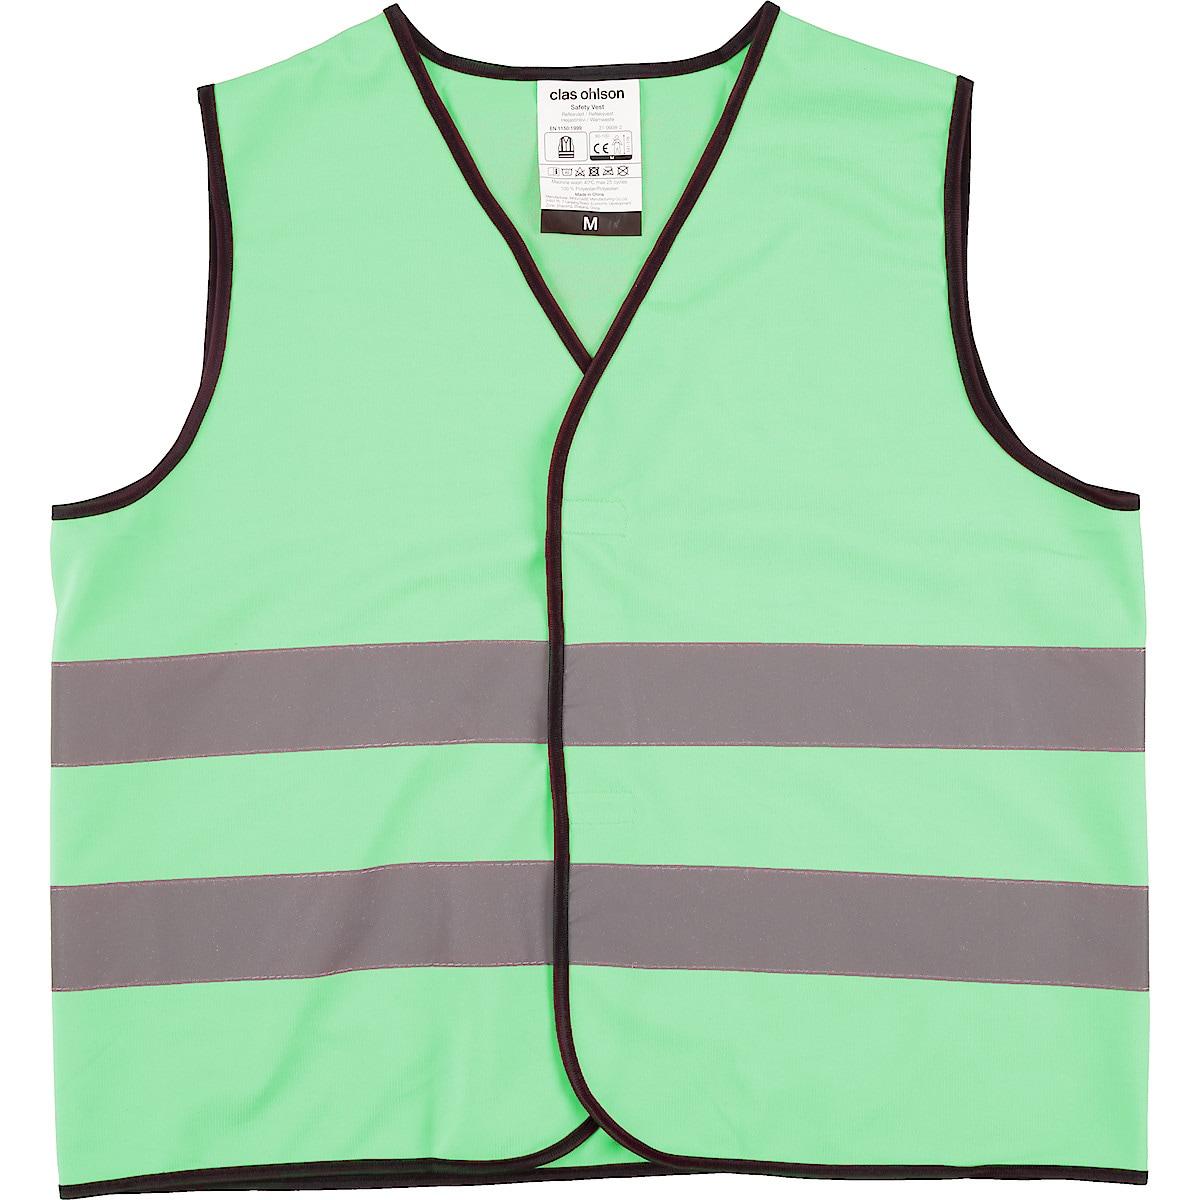 Heijastinliivi vihreä, Clas Ohlson